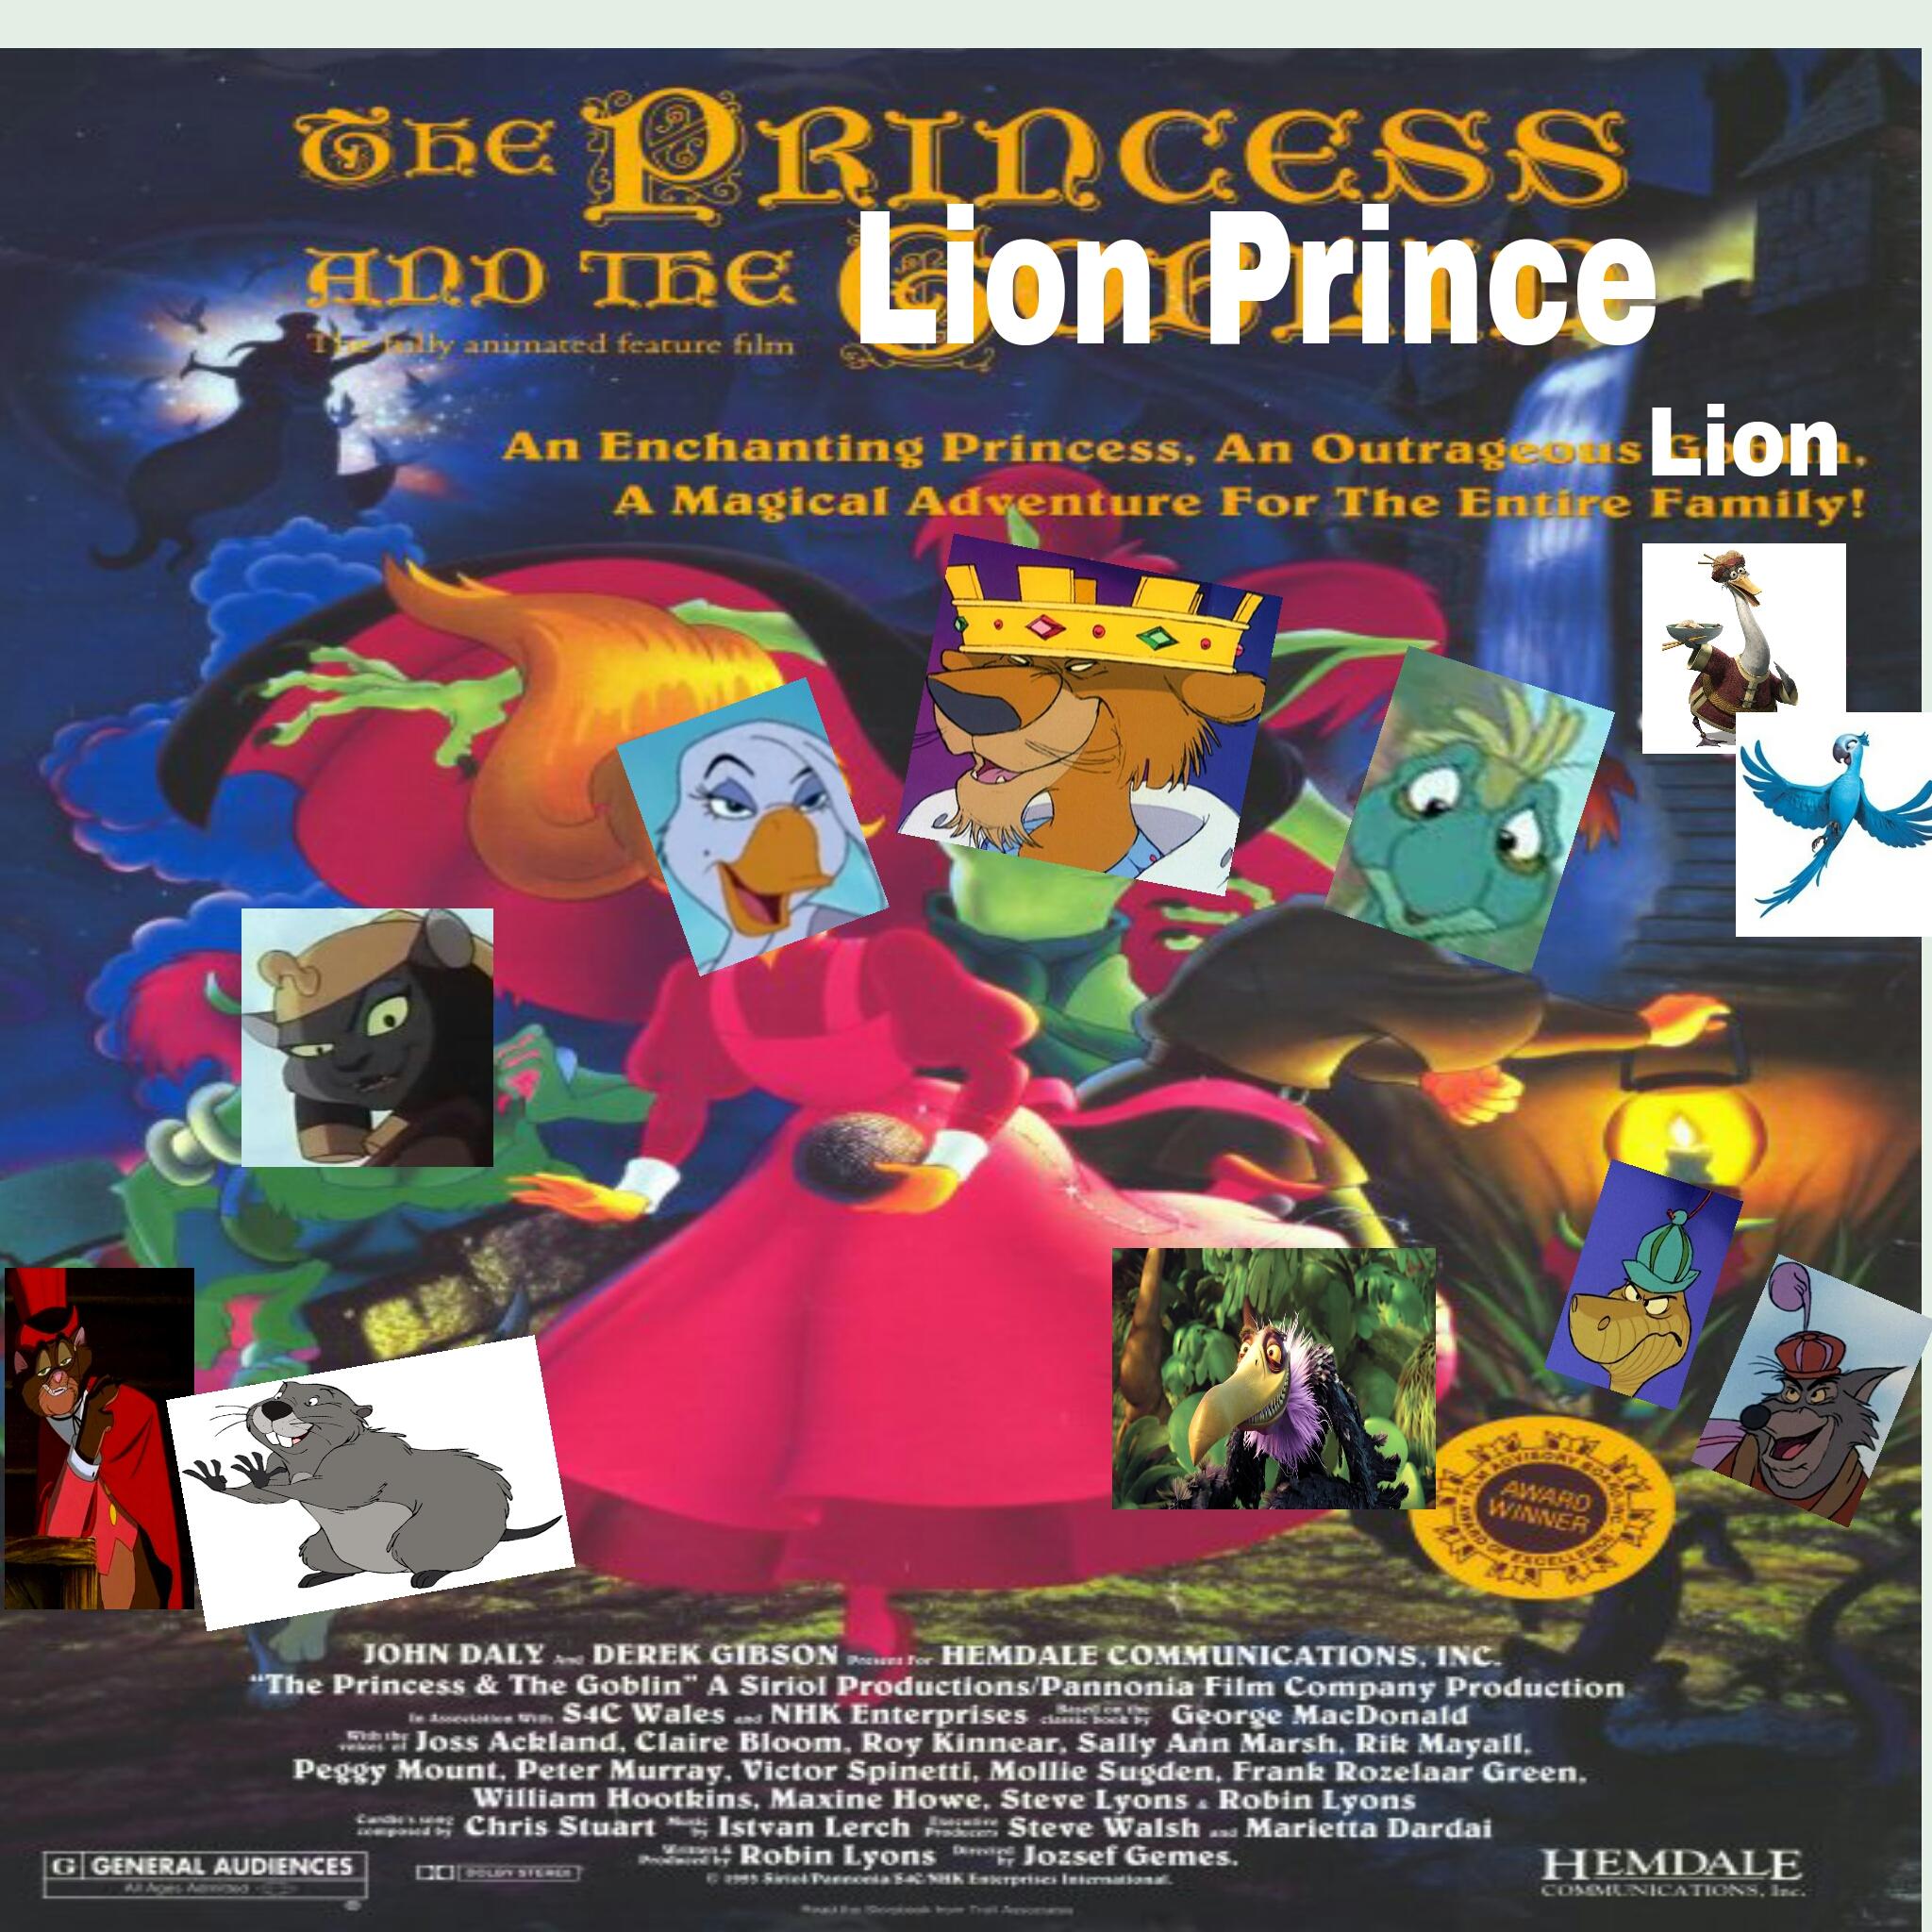 The Princess and the Lion Prince